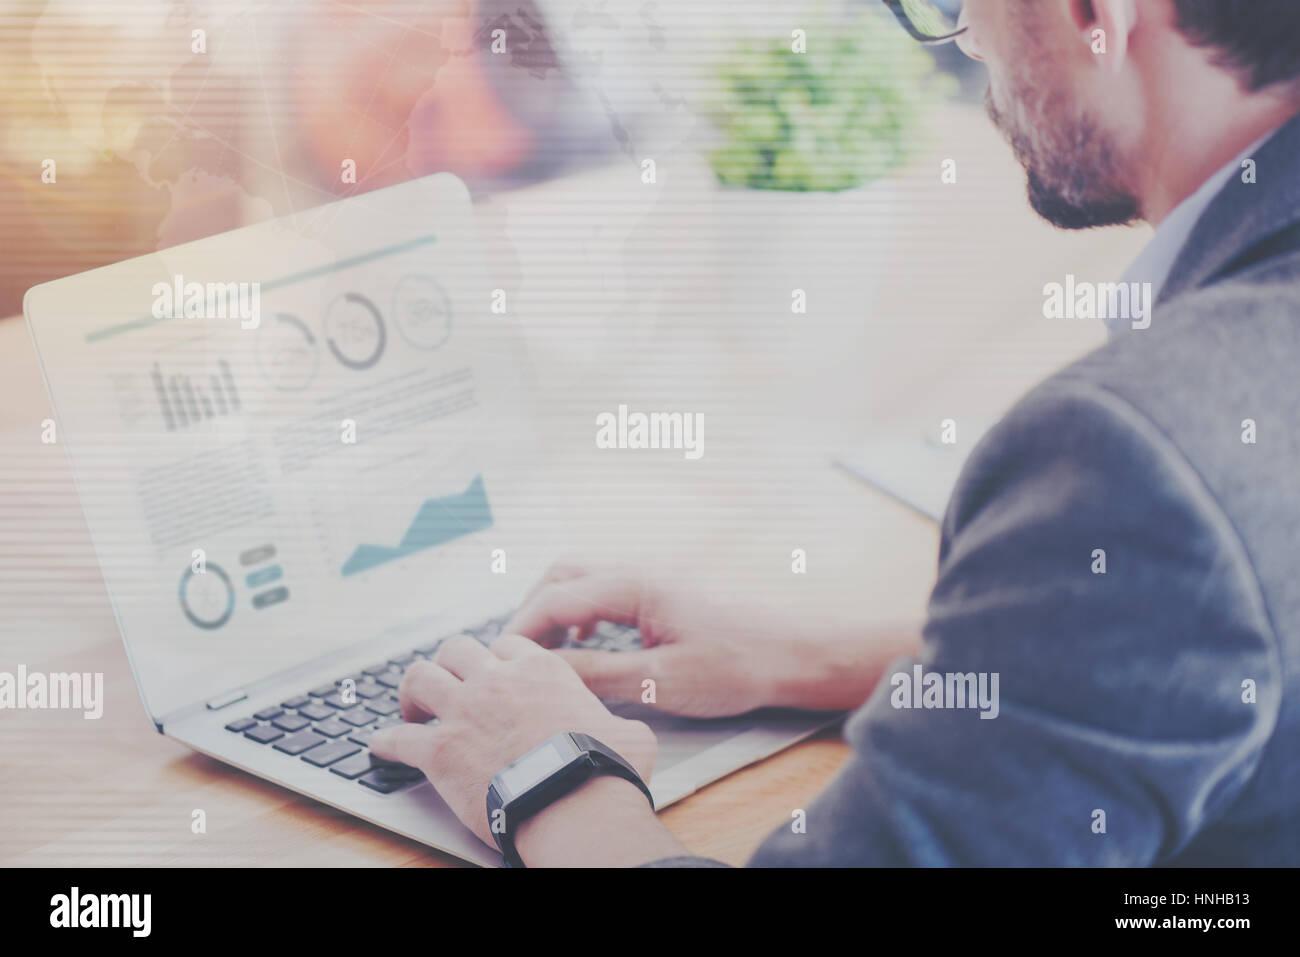 Piacevole uomo coinvolto workign sul laptop Immagini Stock